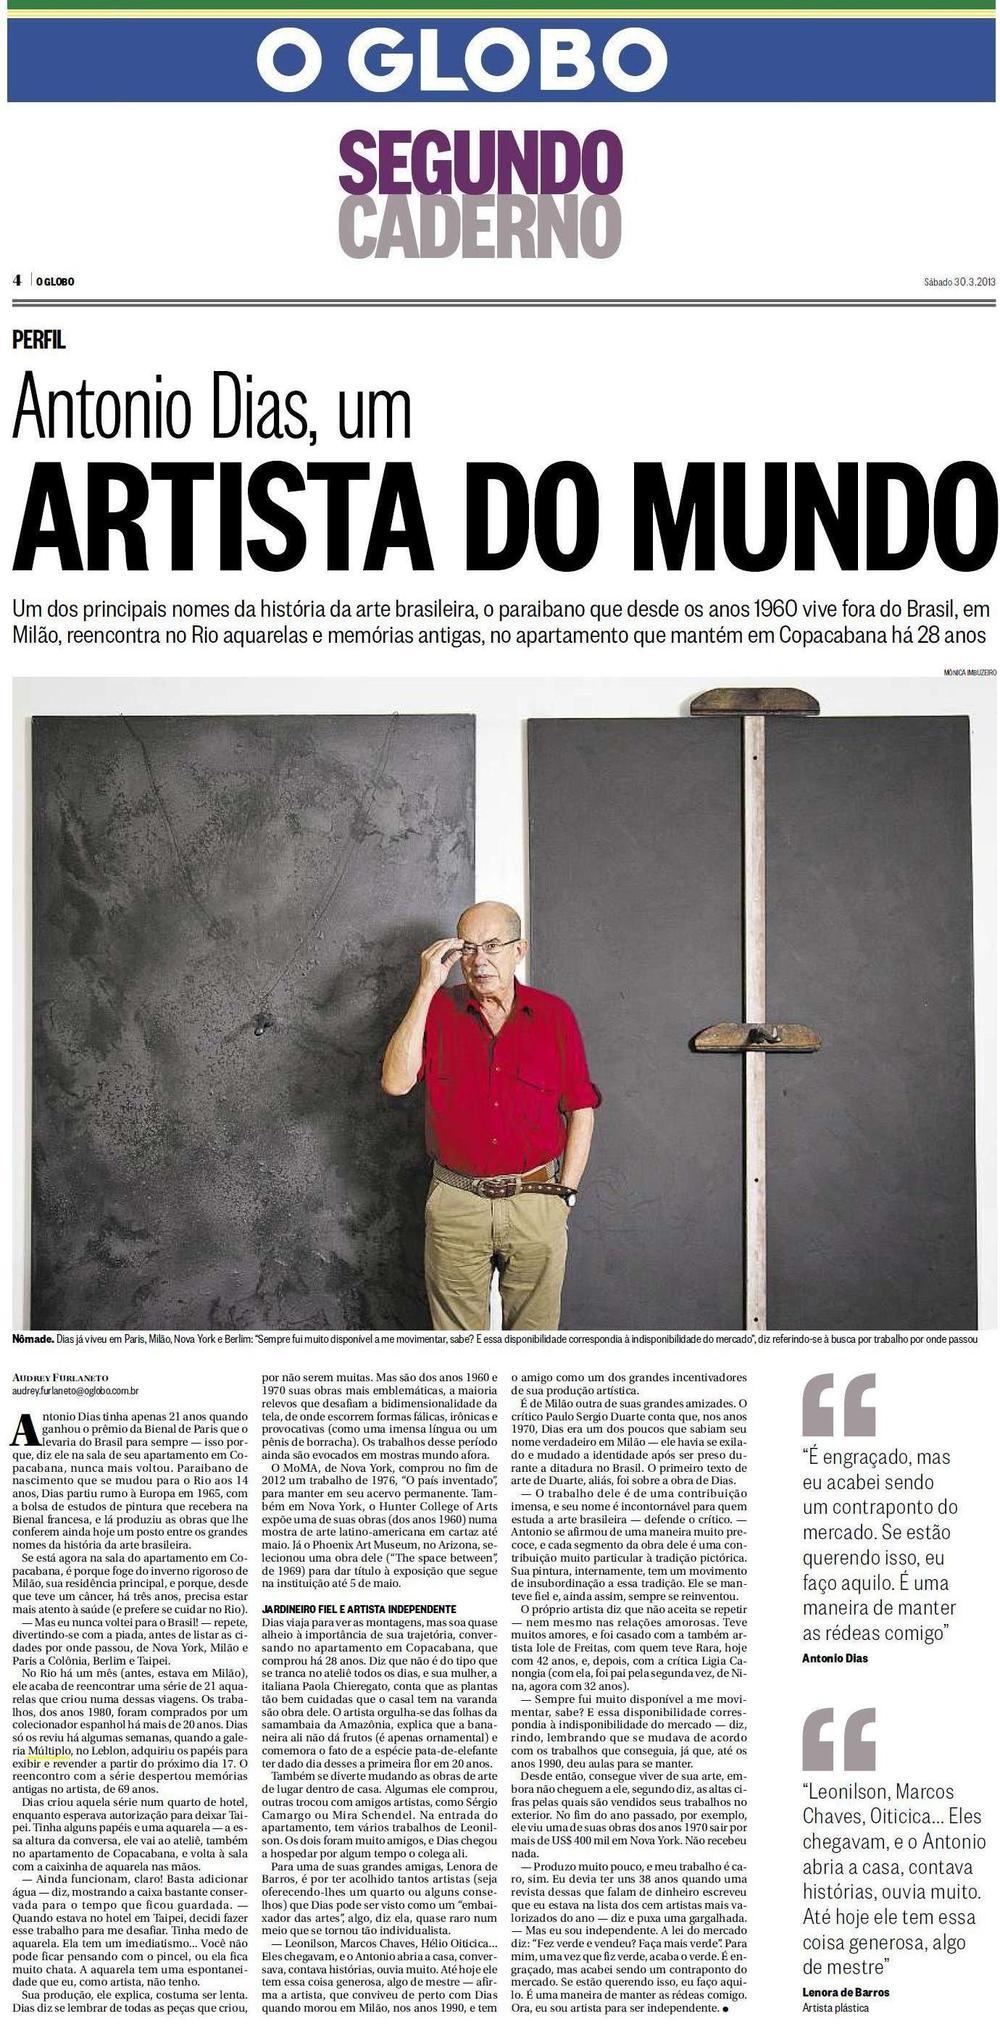 MÚL.TI.PLO ESPAÇO ARTE NO SEGUNDO CADERNO 30.03.2013.JPG